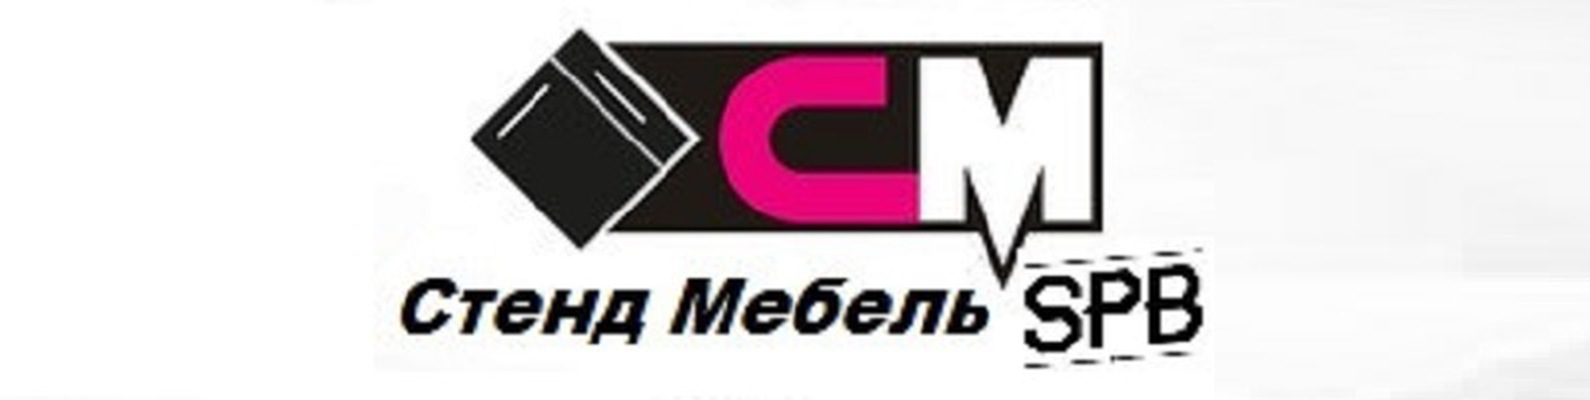 1aef686c90a Мебельный Интернет-магазин